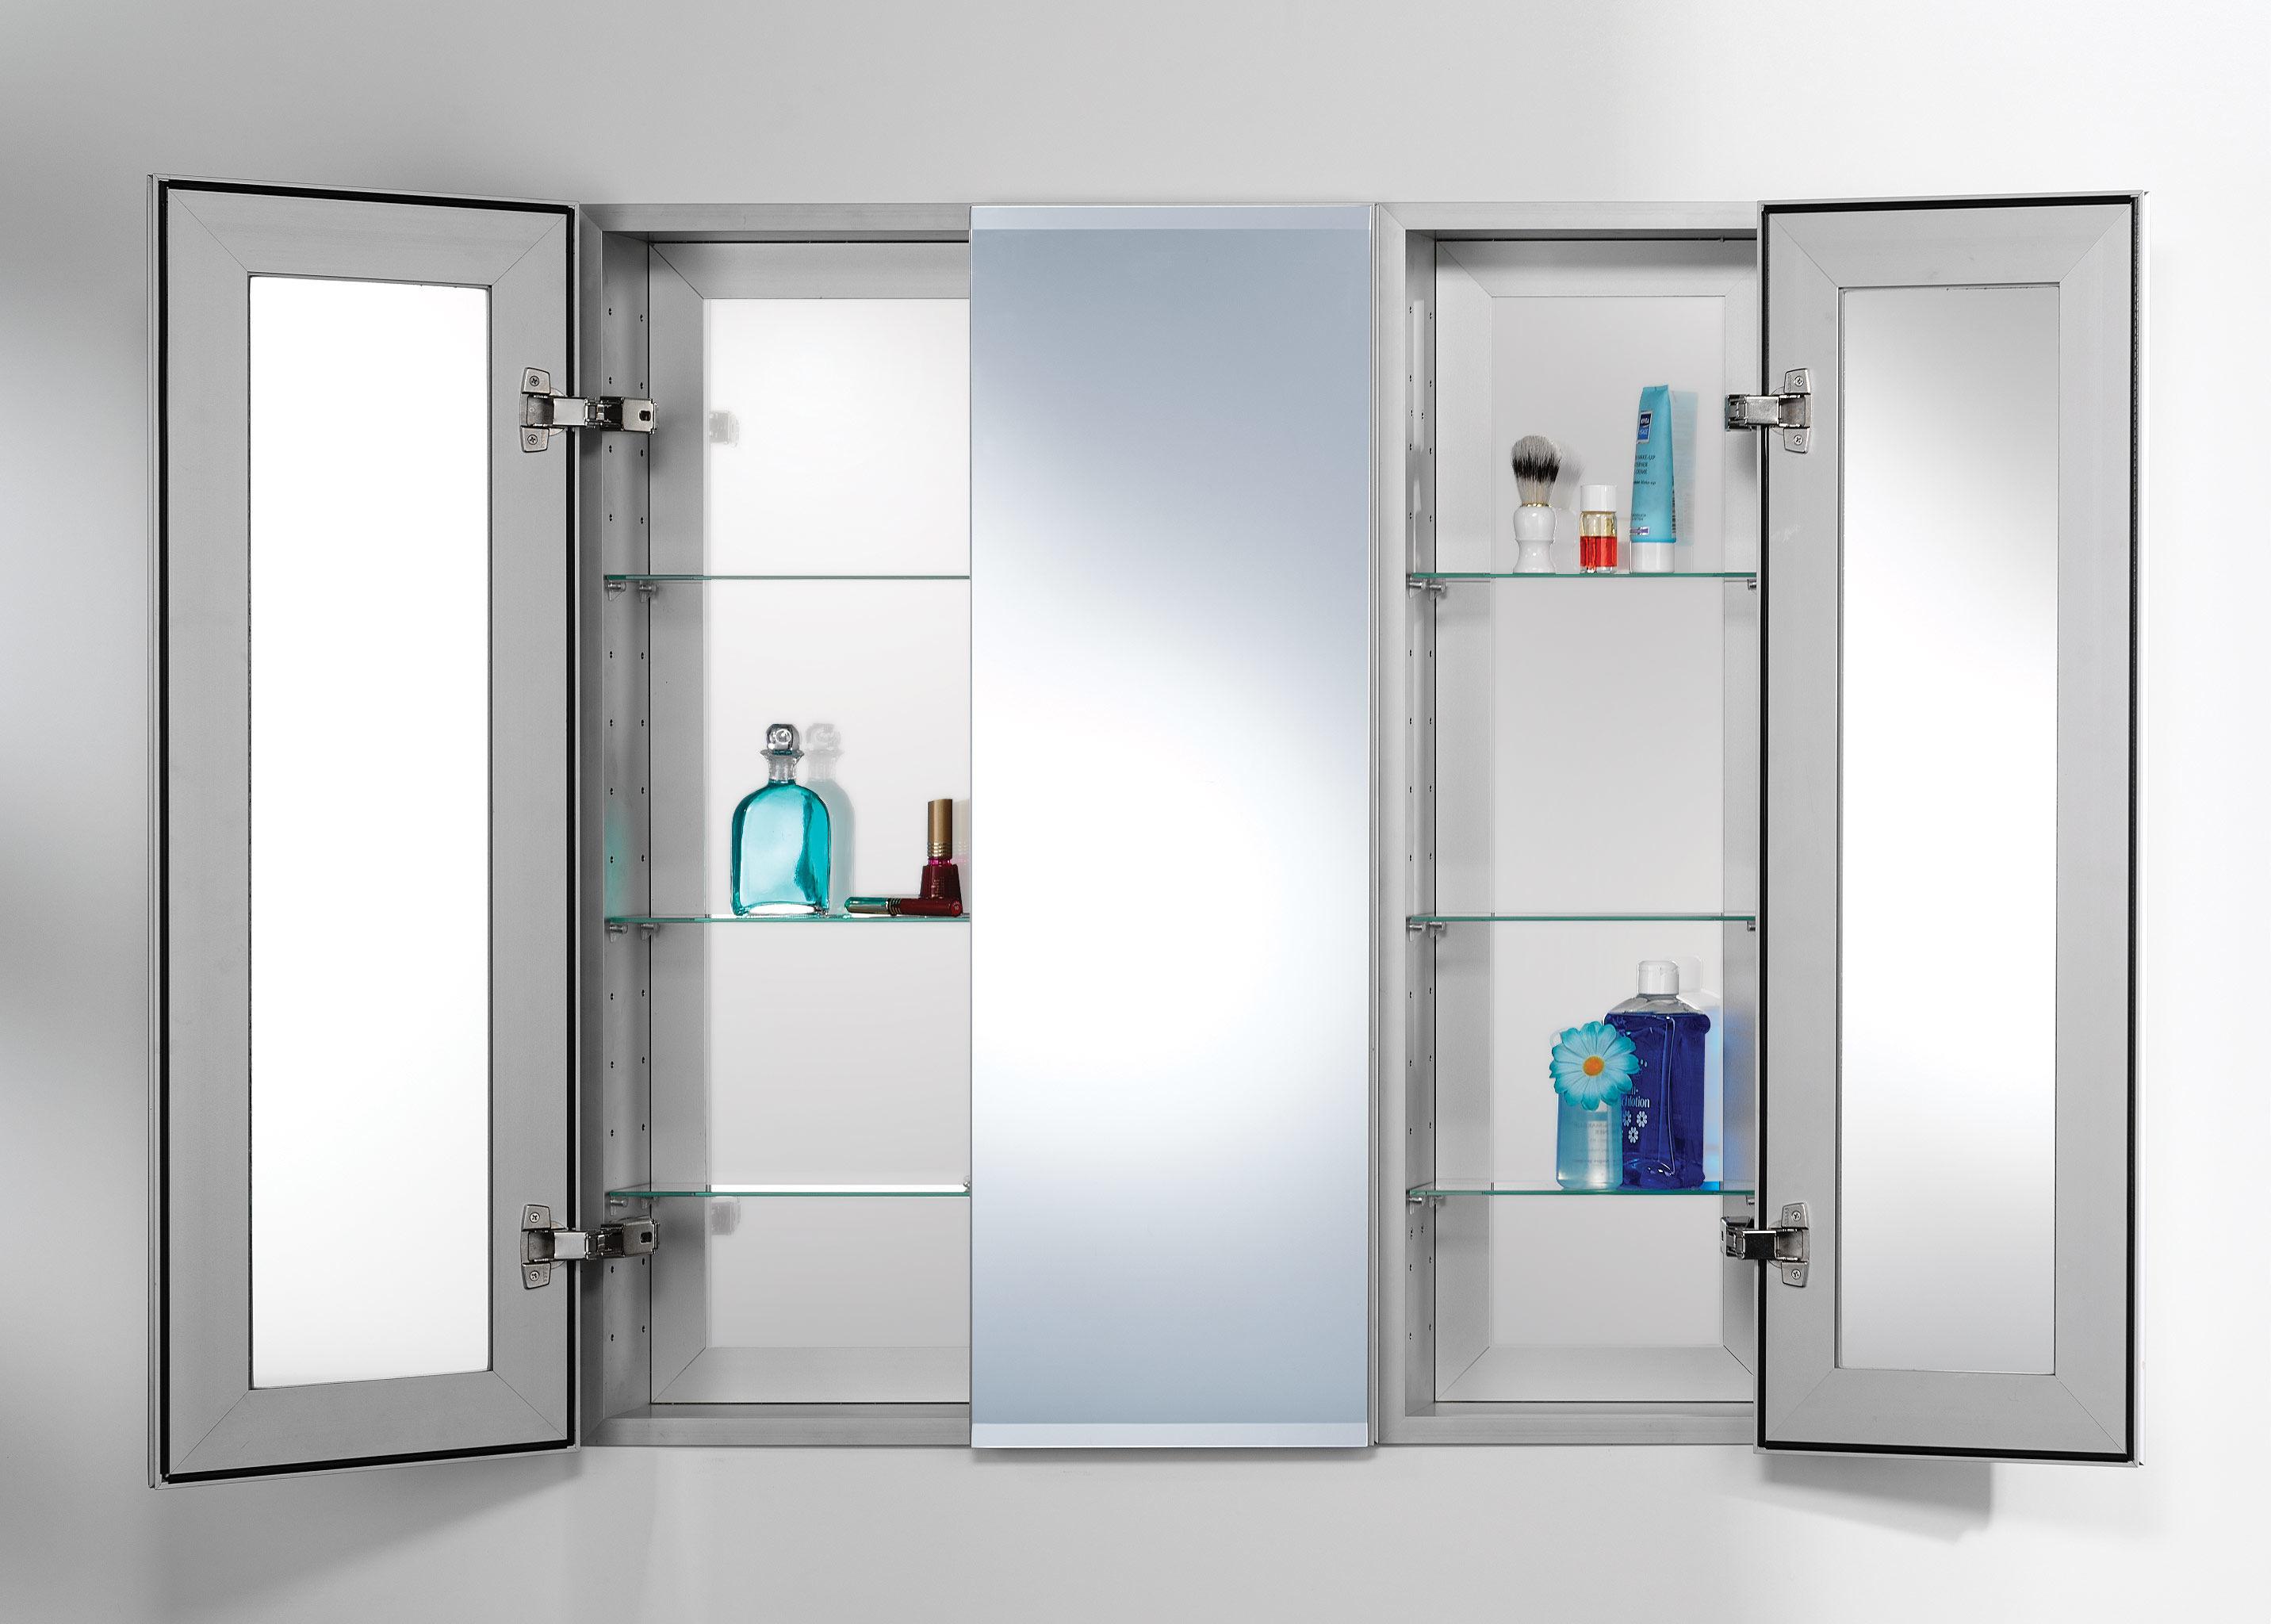 bathroom tags aluminium bathtub org handballtunisie doors rate frameless door first l sliding